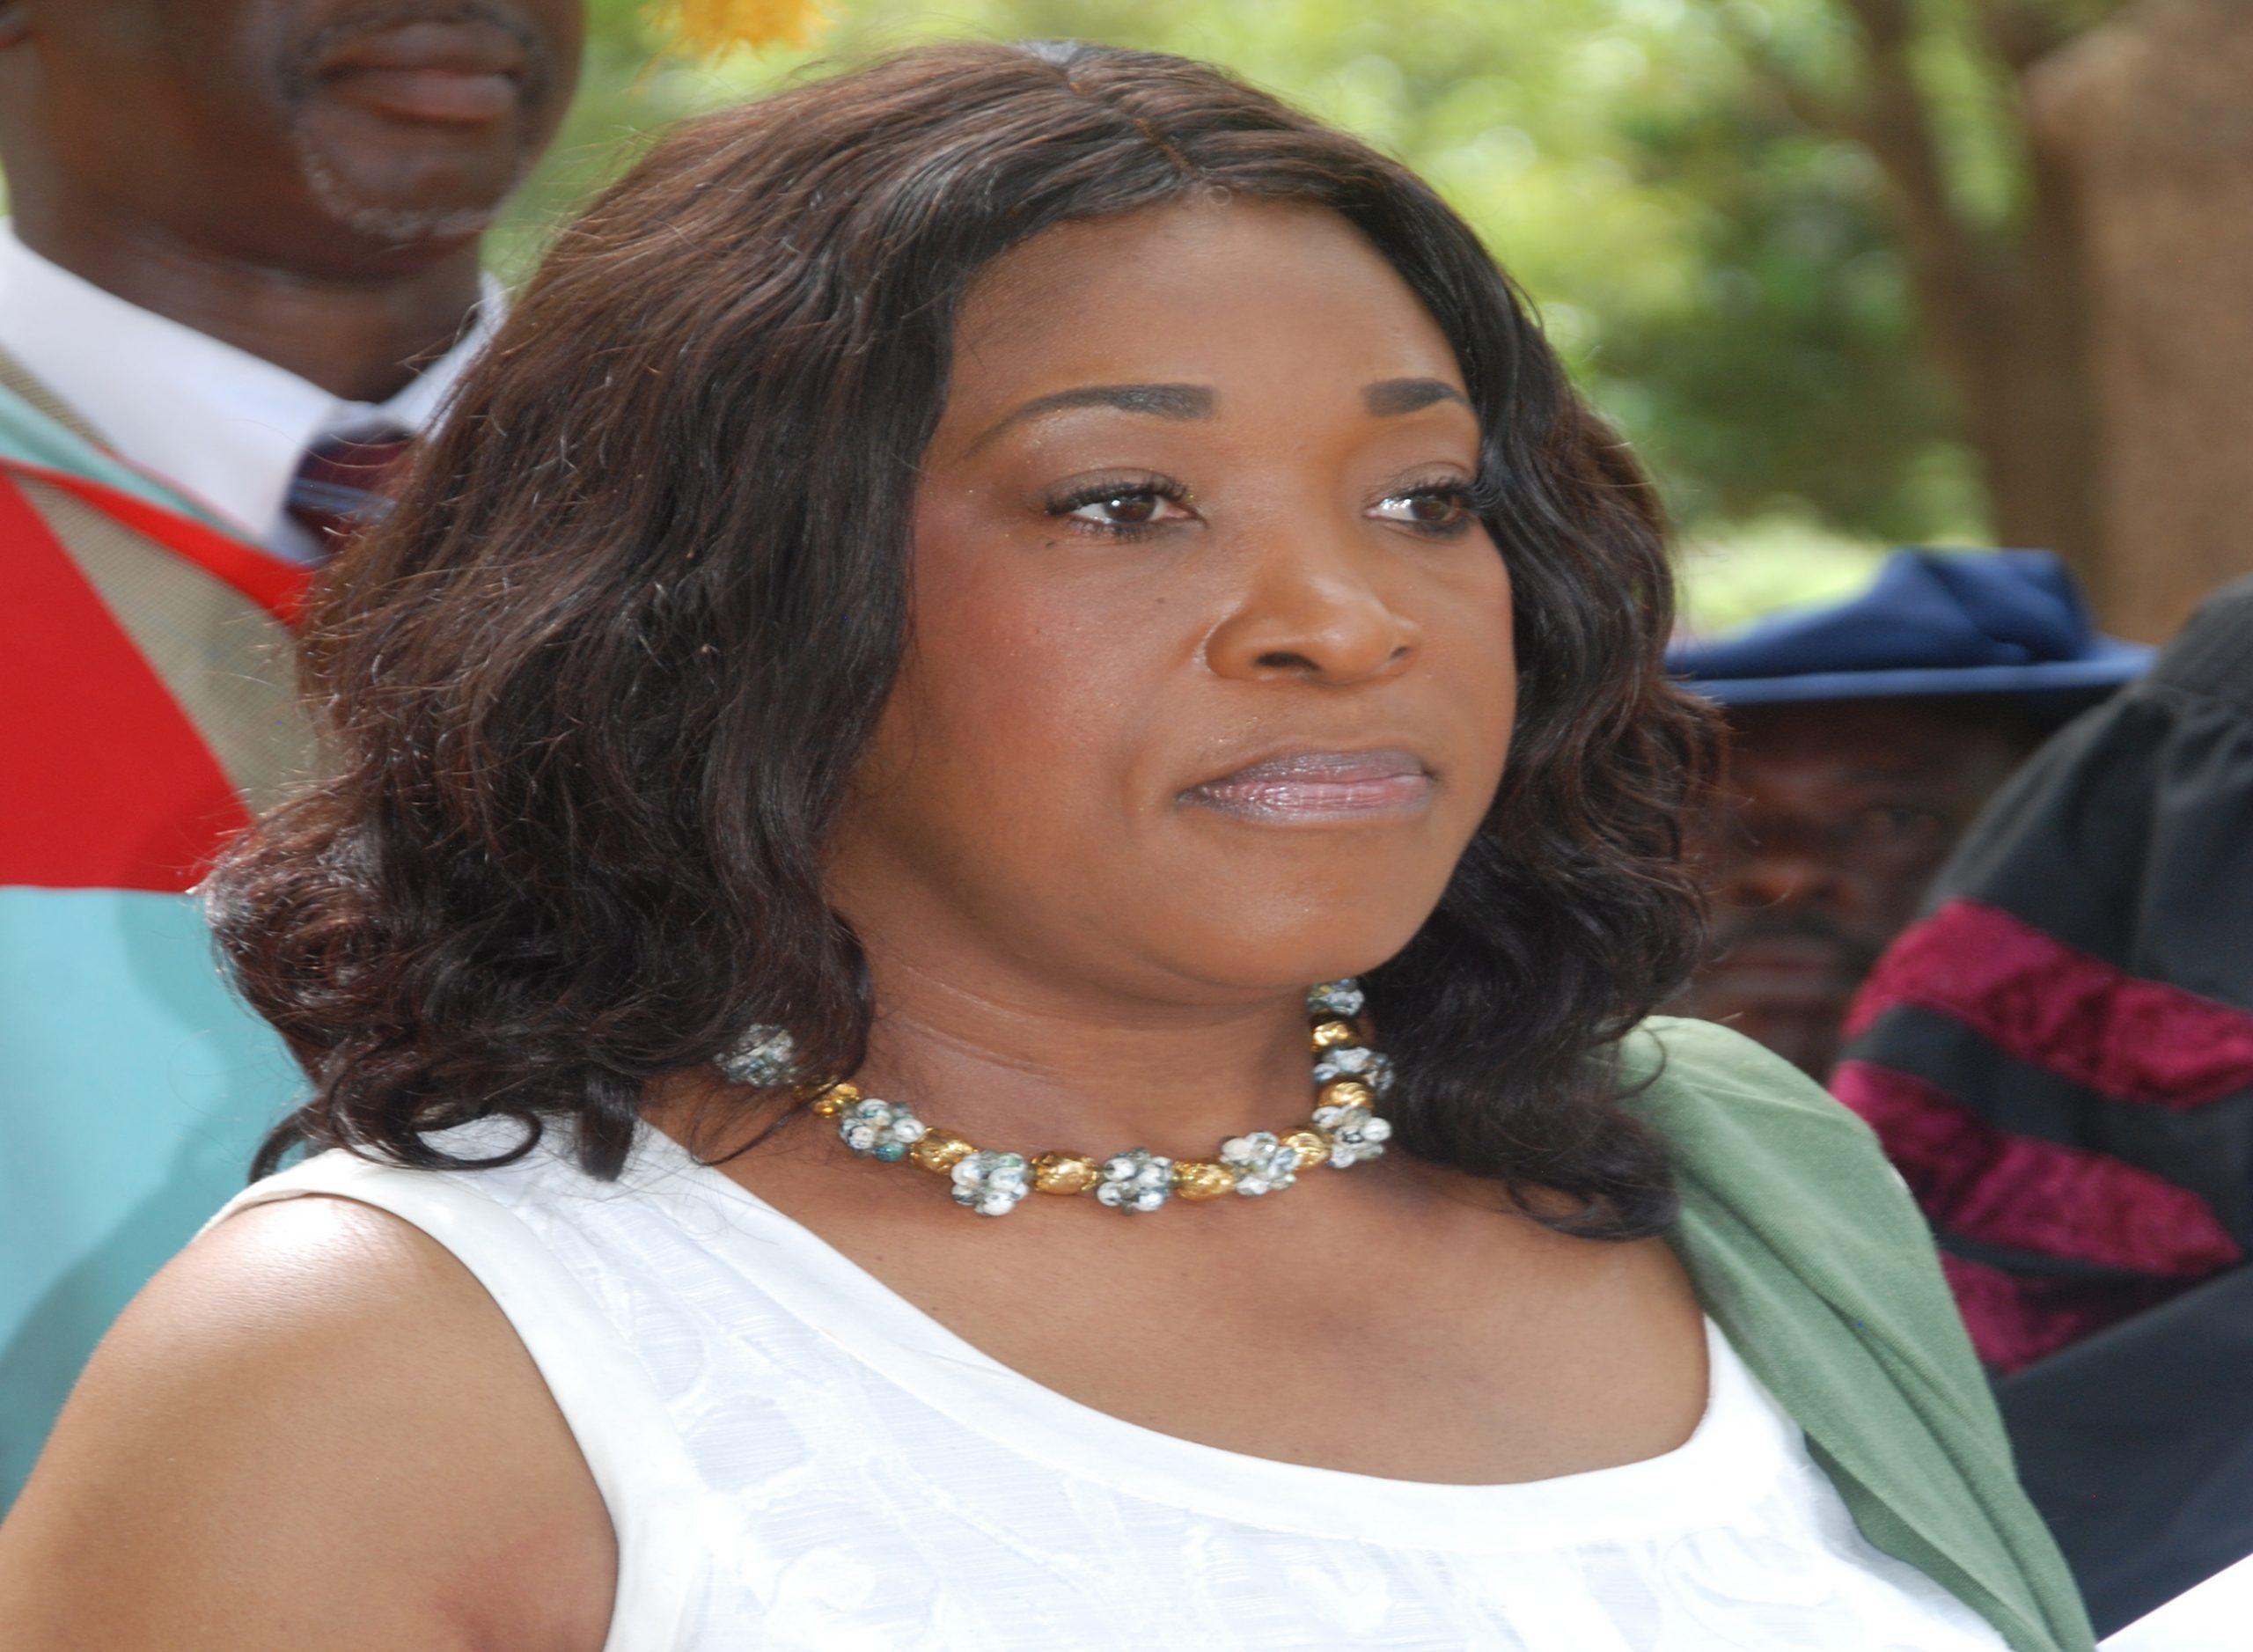 Young Diplomats of Ghana congratulates Shirley Ayorkor Botchway